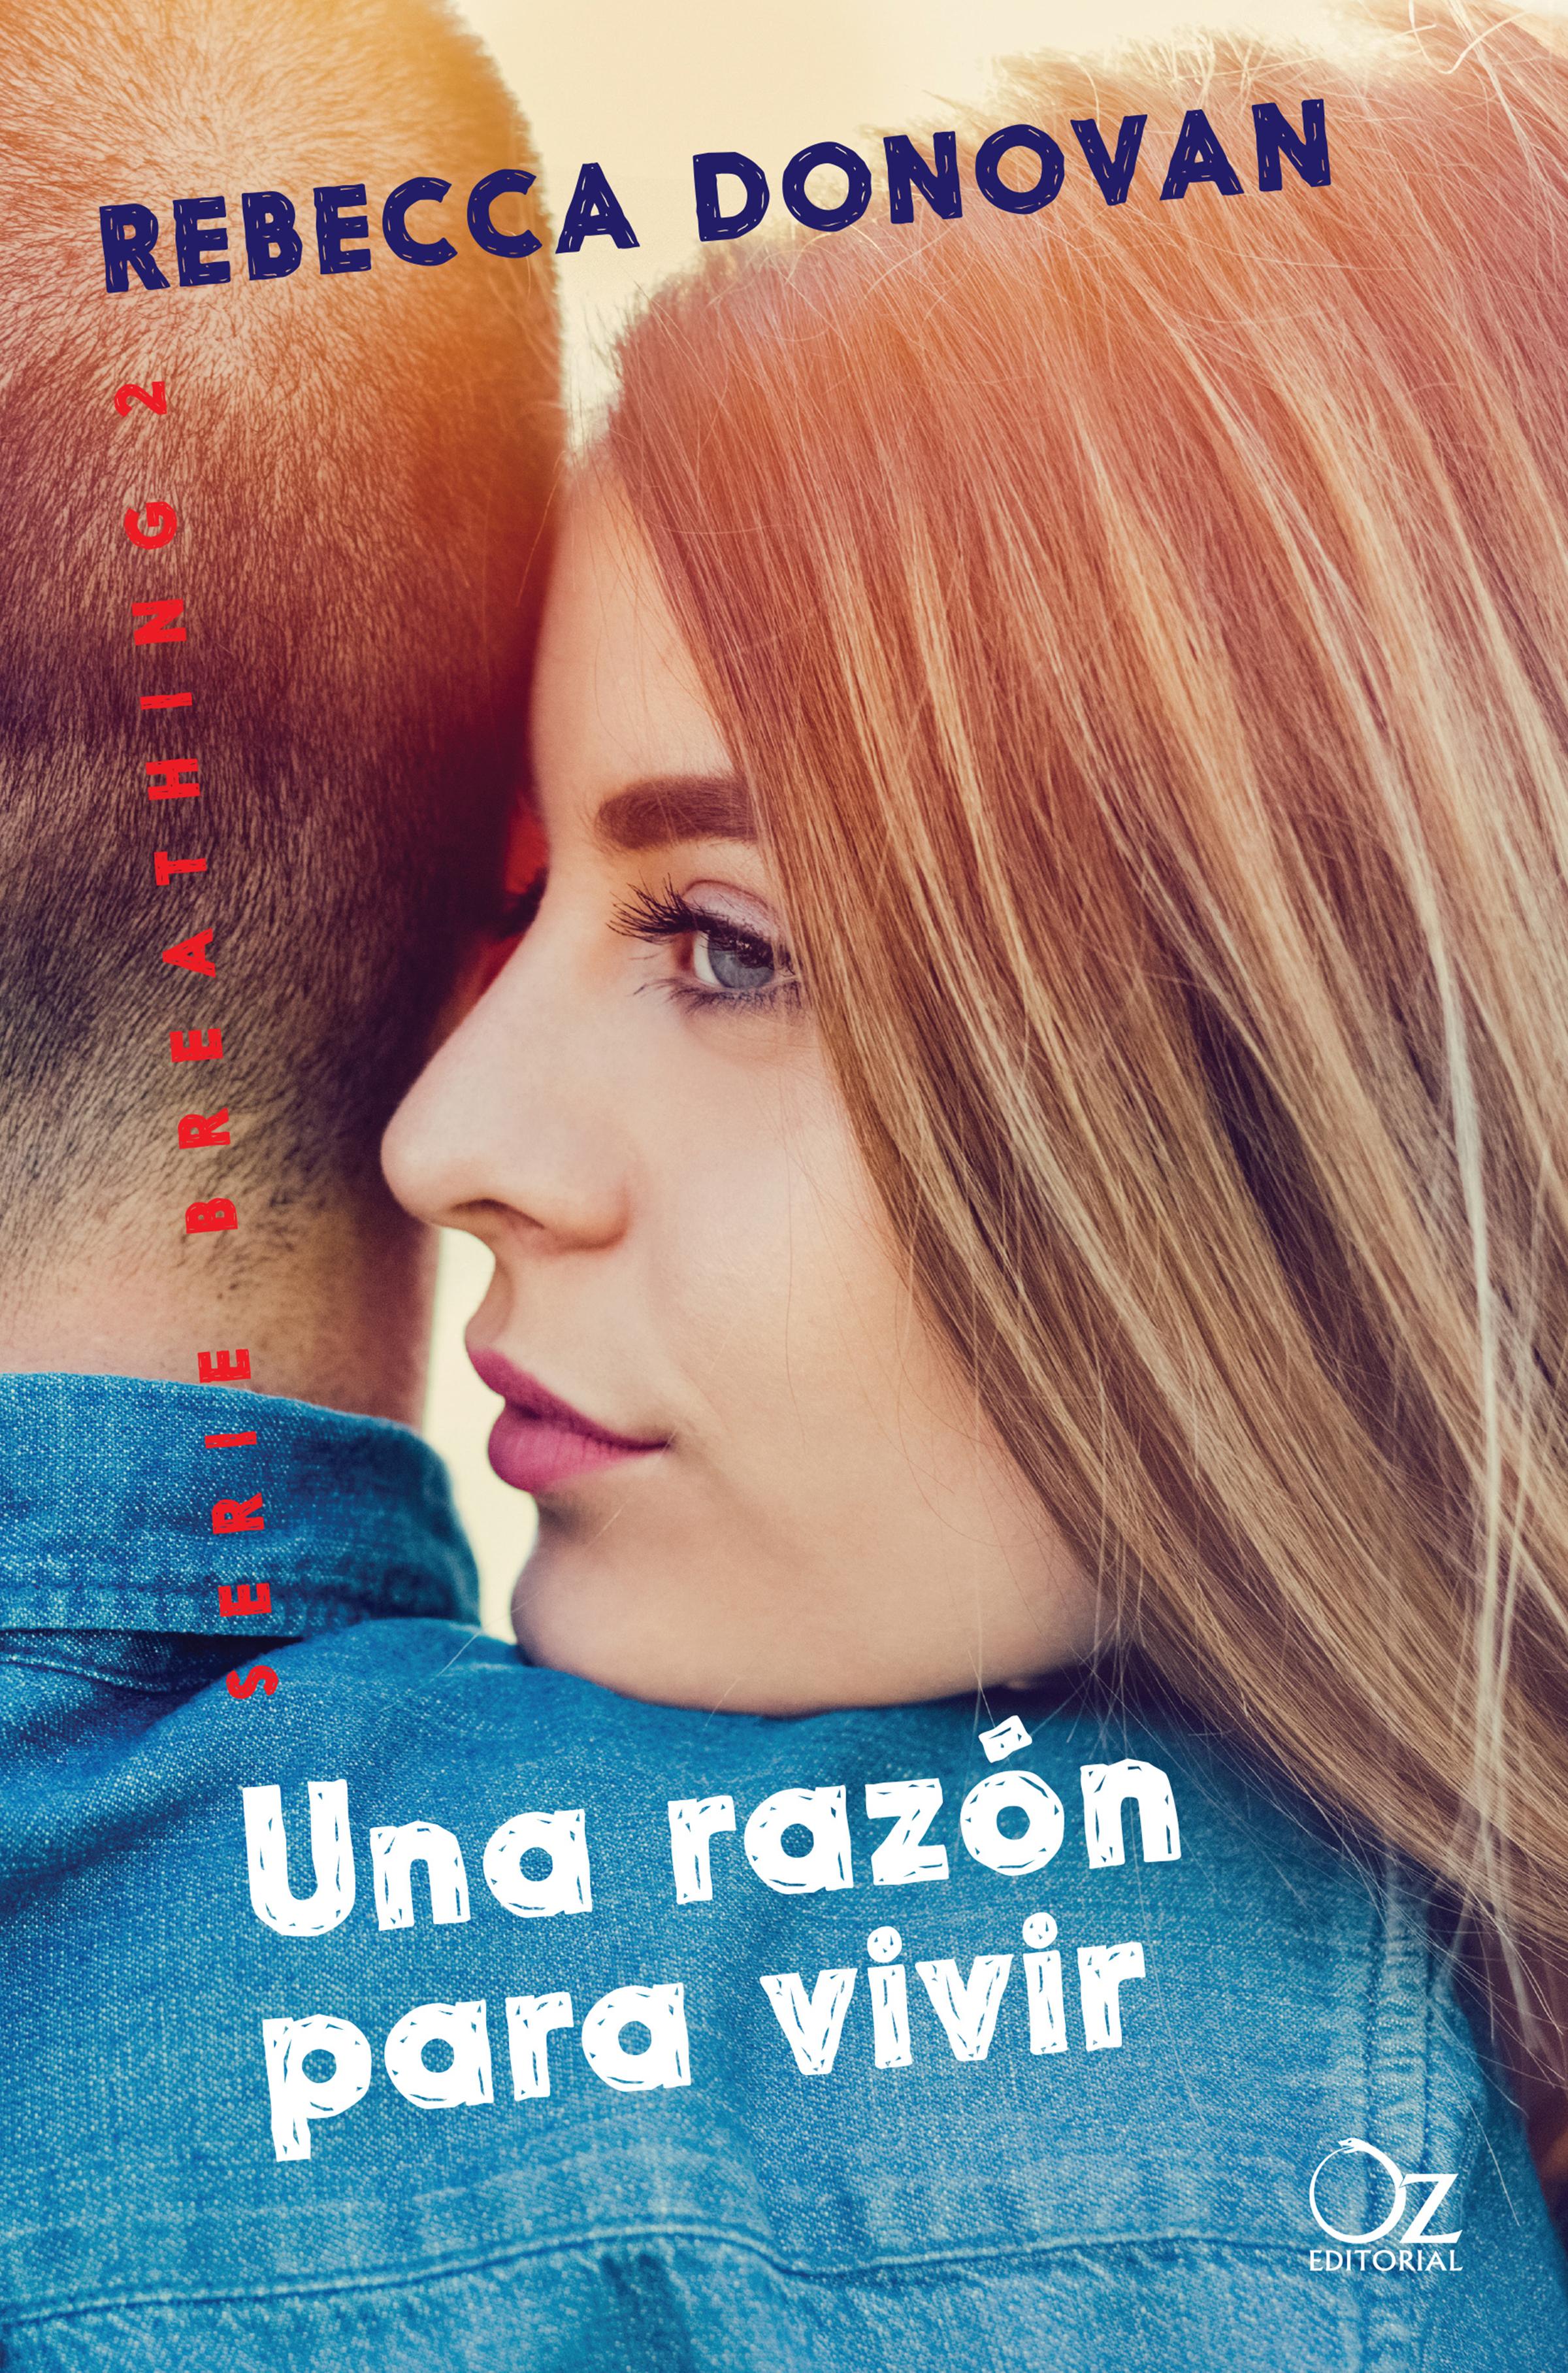 Rebecca Donovan Una razón para vivir (Breathing 2) vivir adrede